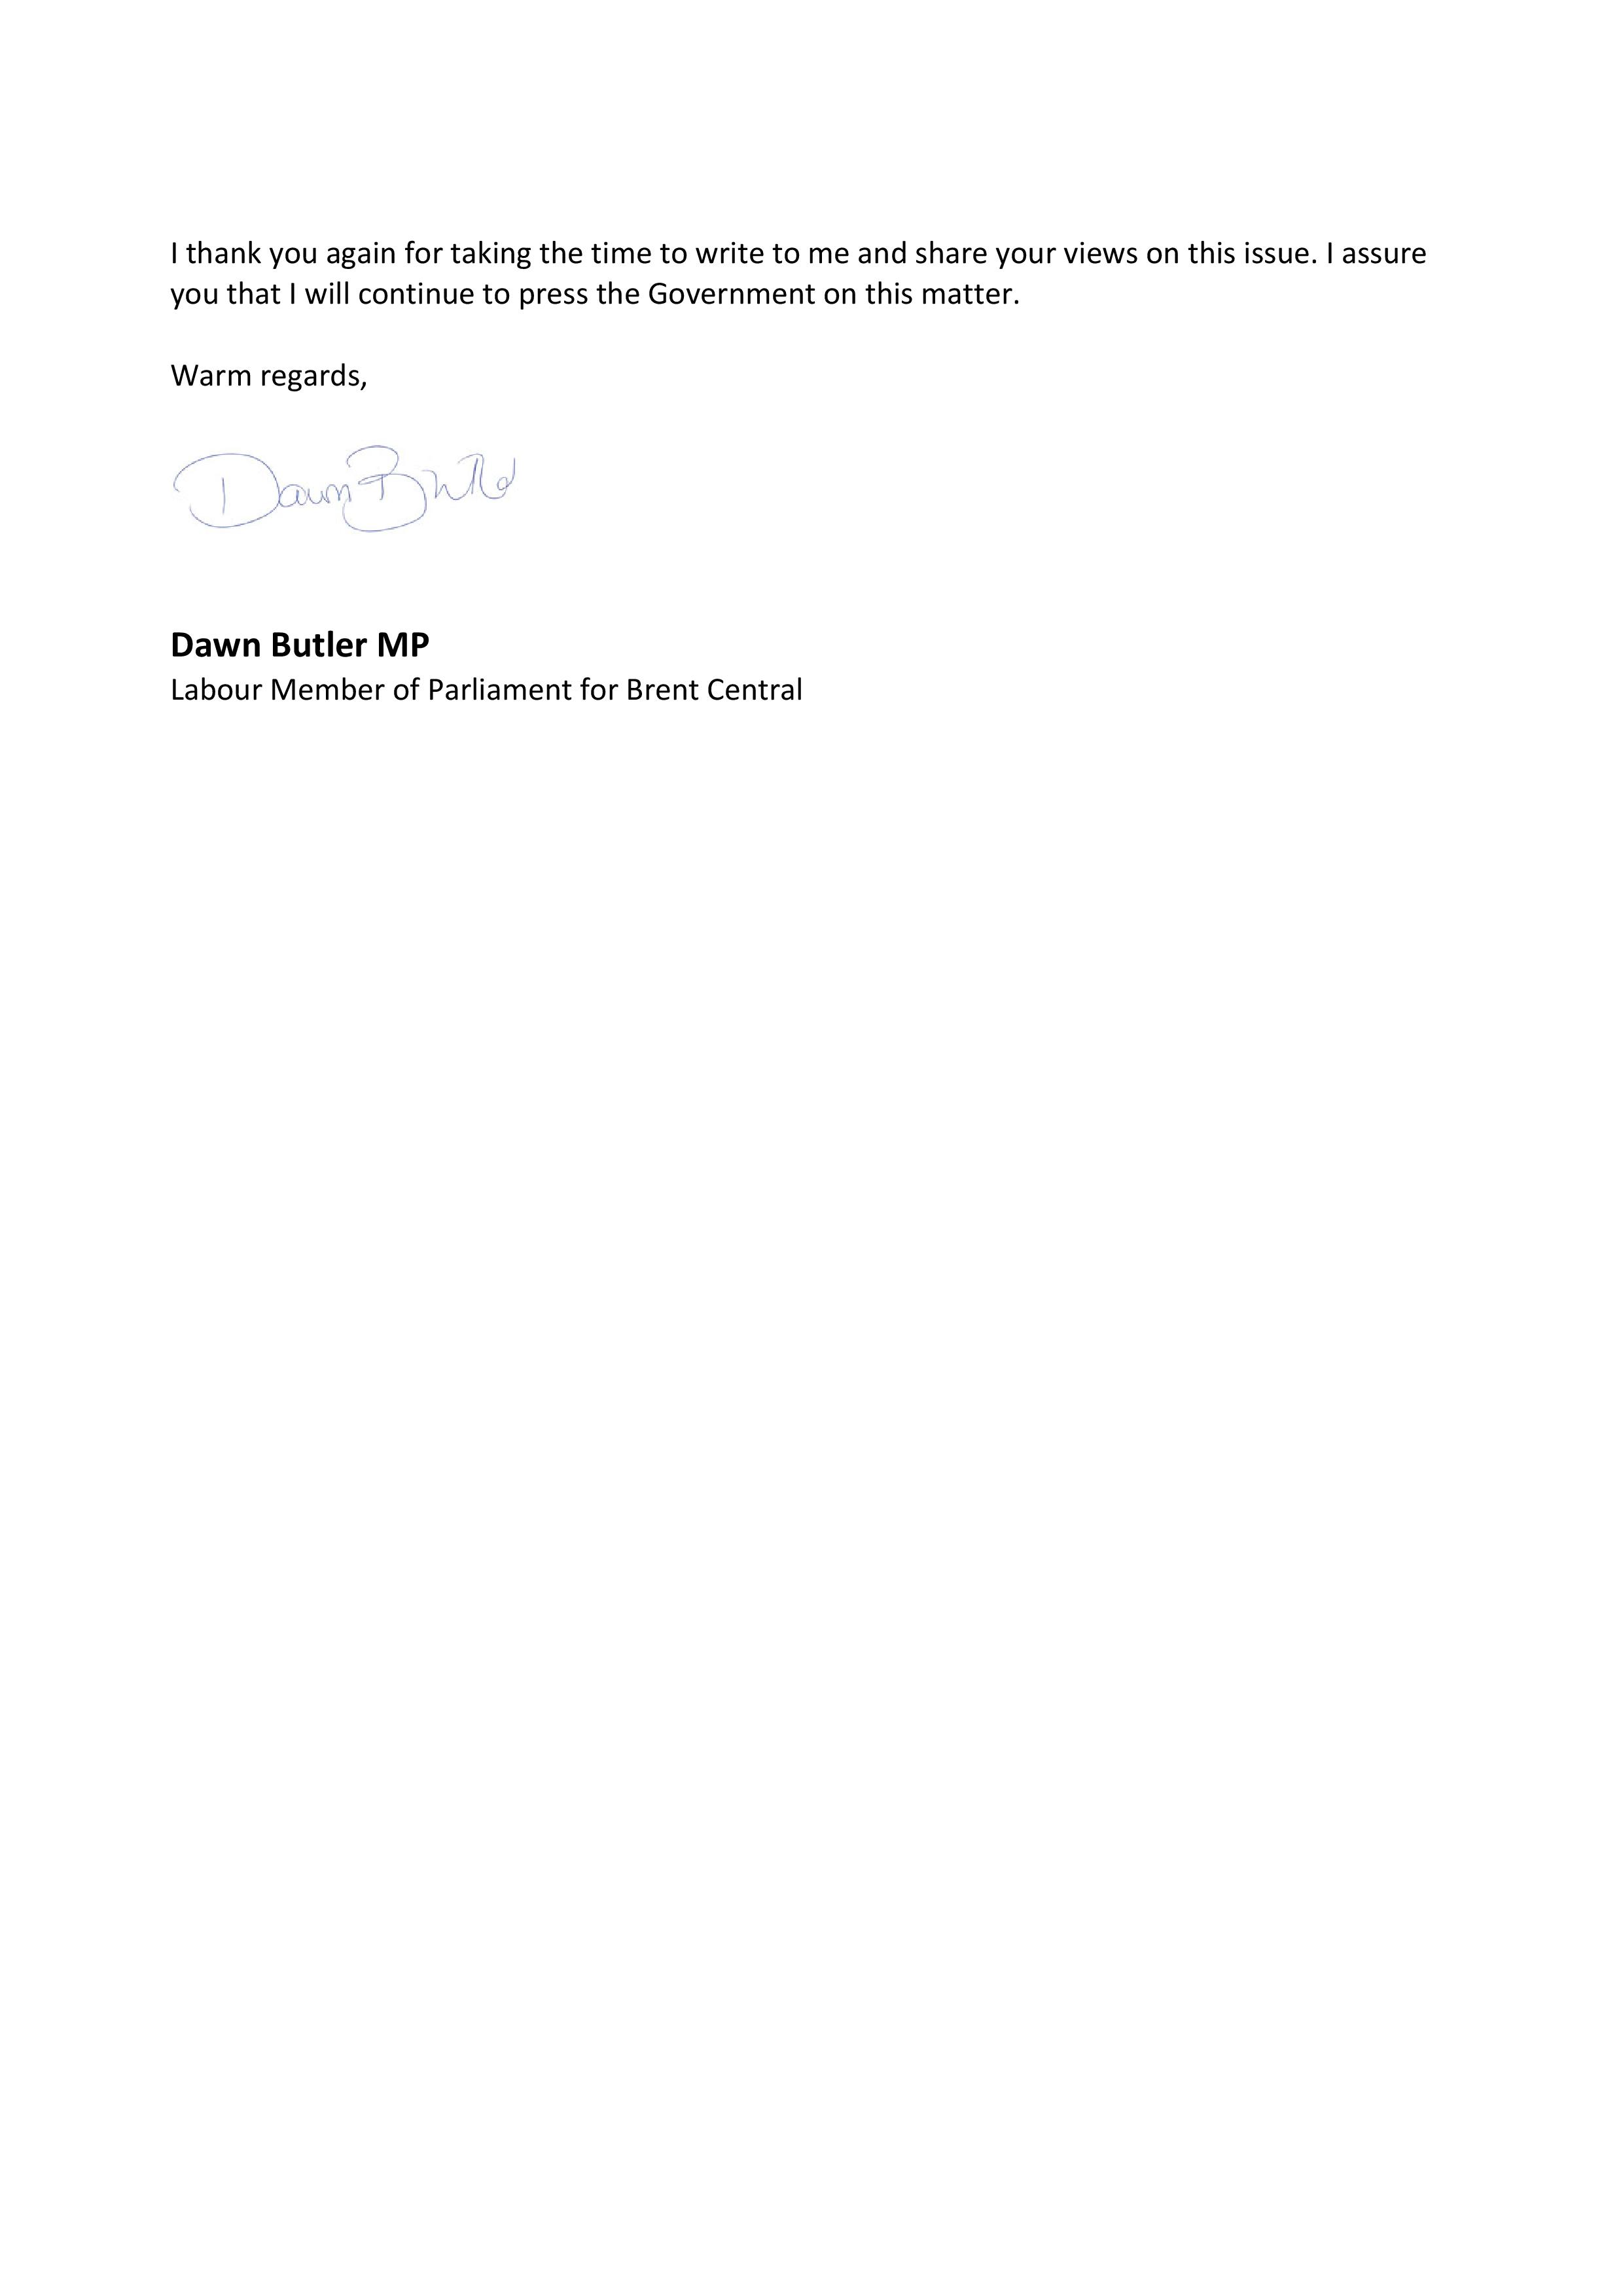 ESOL-page-002.jpg